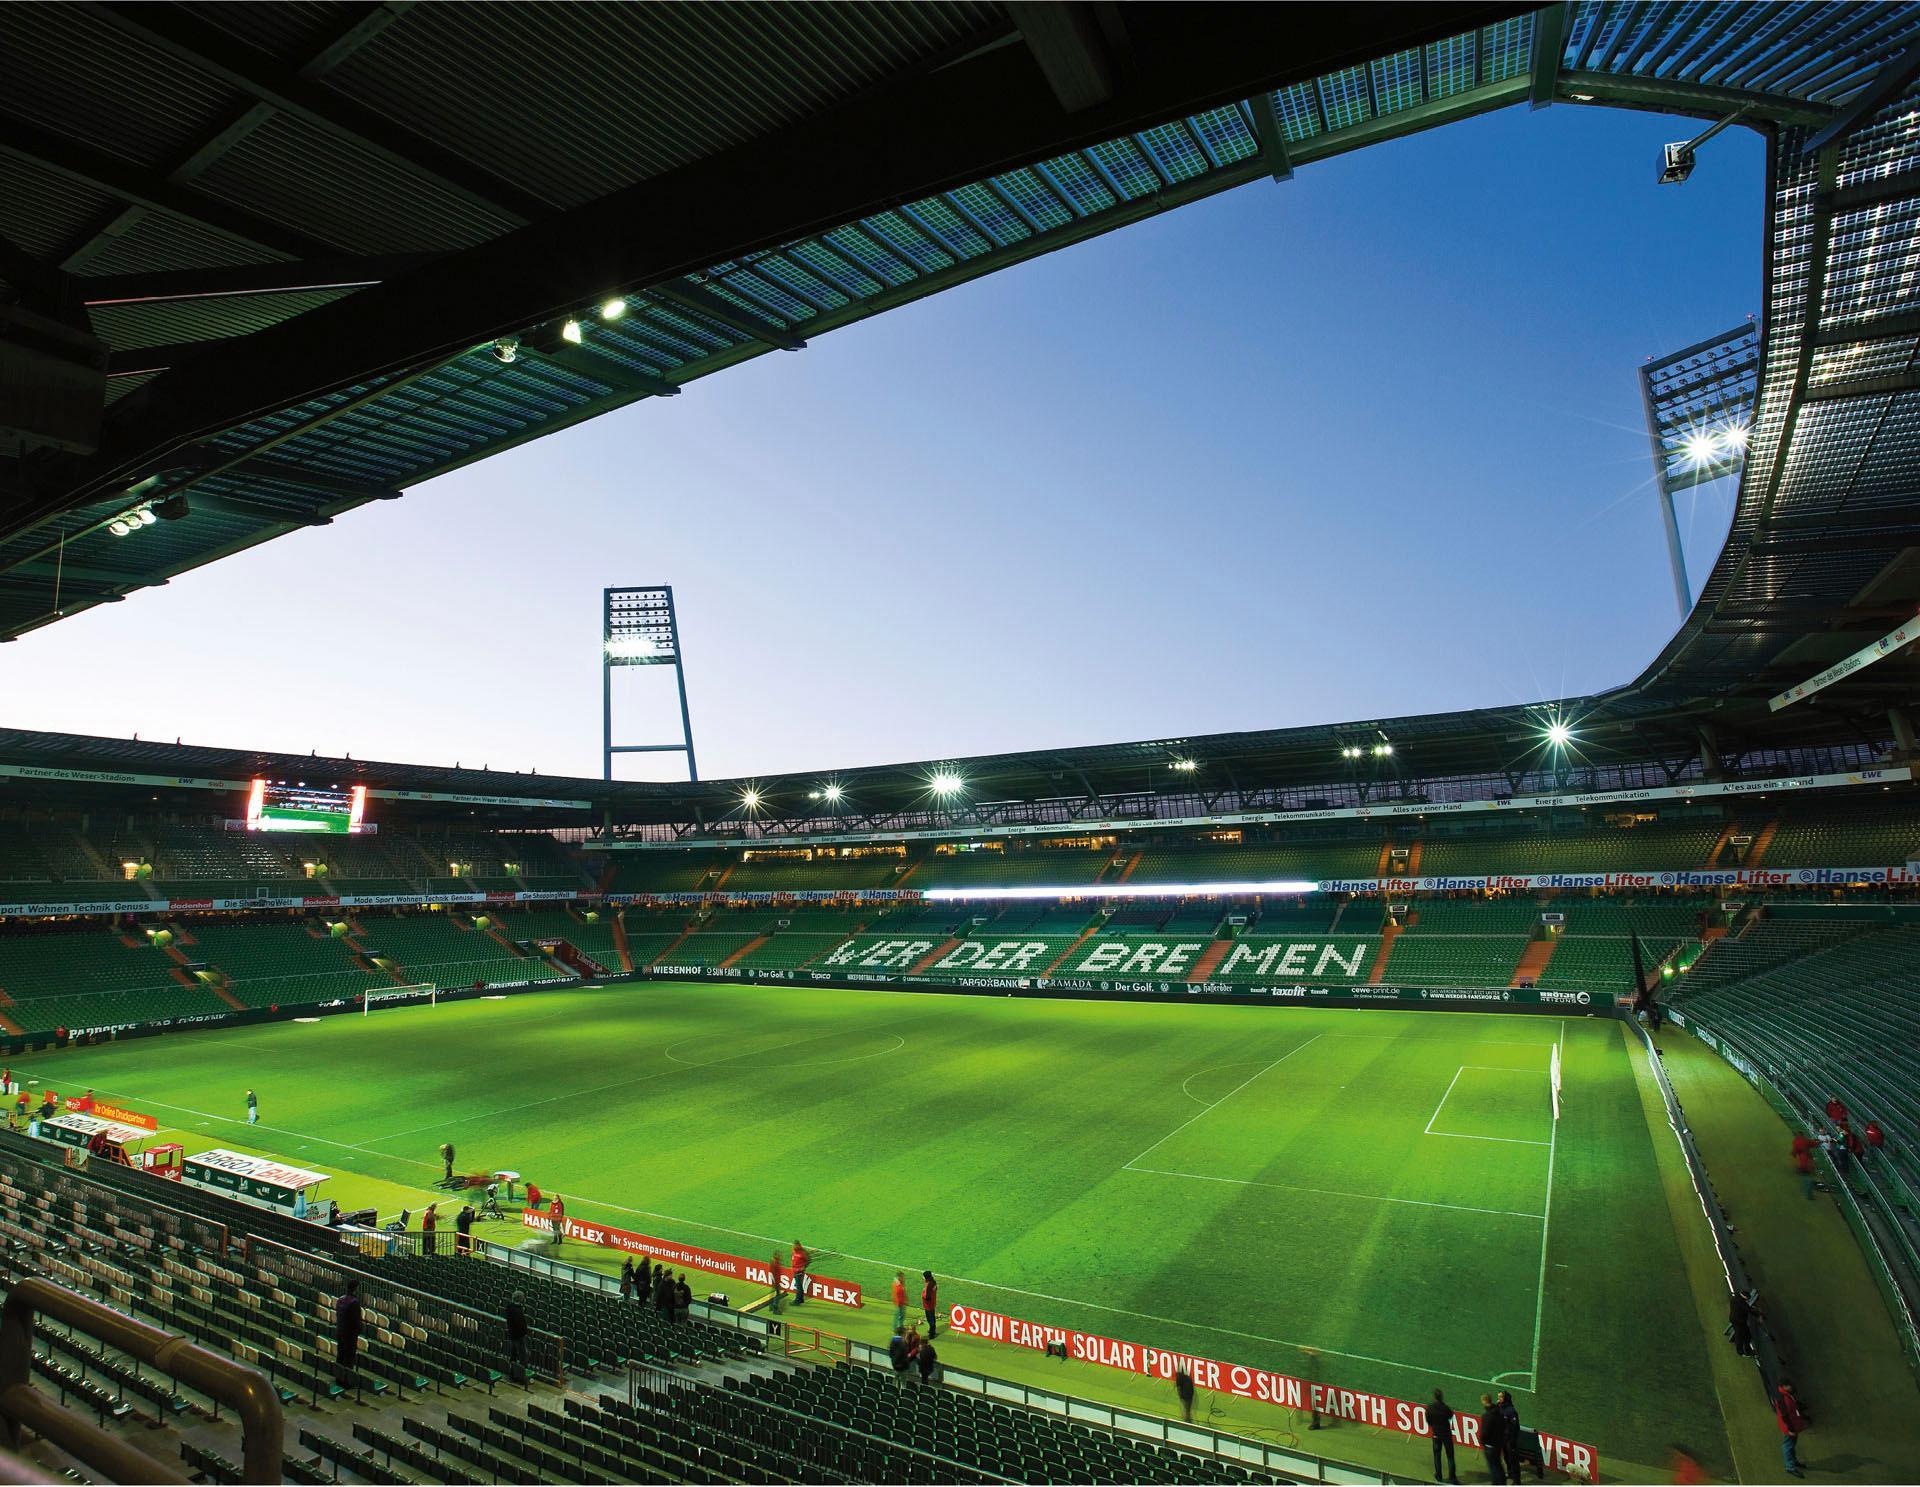 Fototapete Werder Bremen - Weserstadion Innen bunt Fototapeten Tapeten Bauen Renovieren